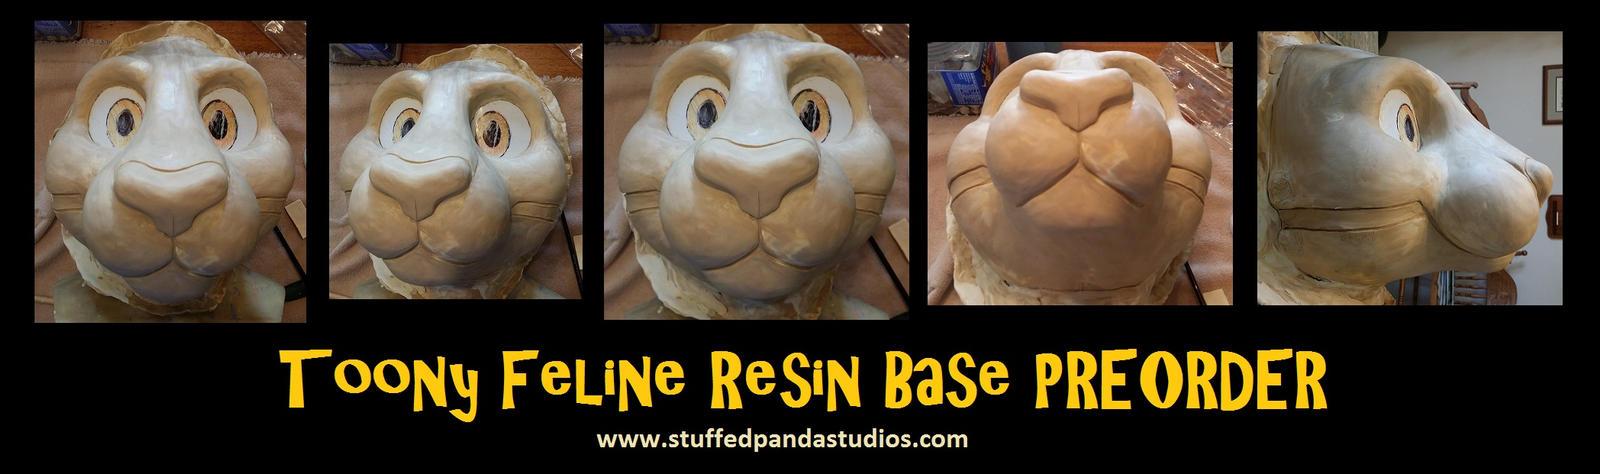 Toony large feline resin base [PREORDER] by stuffedpanda-cosplay